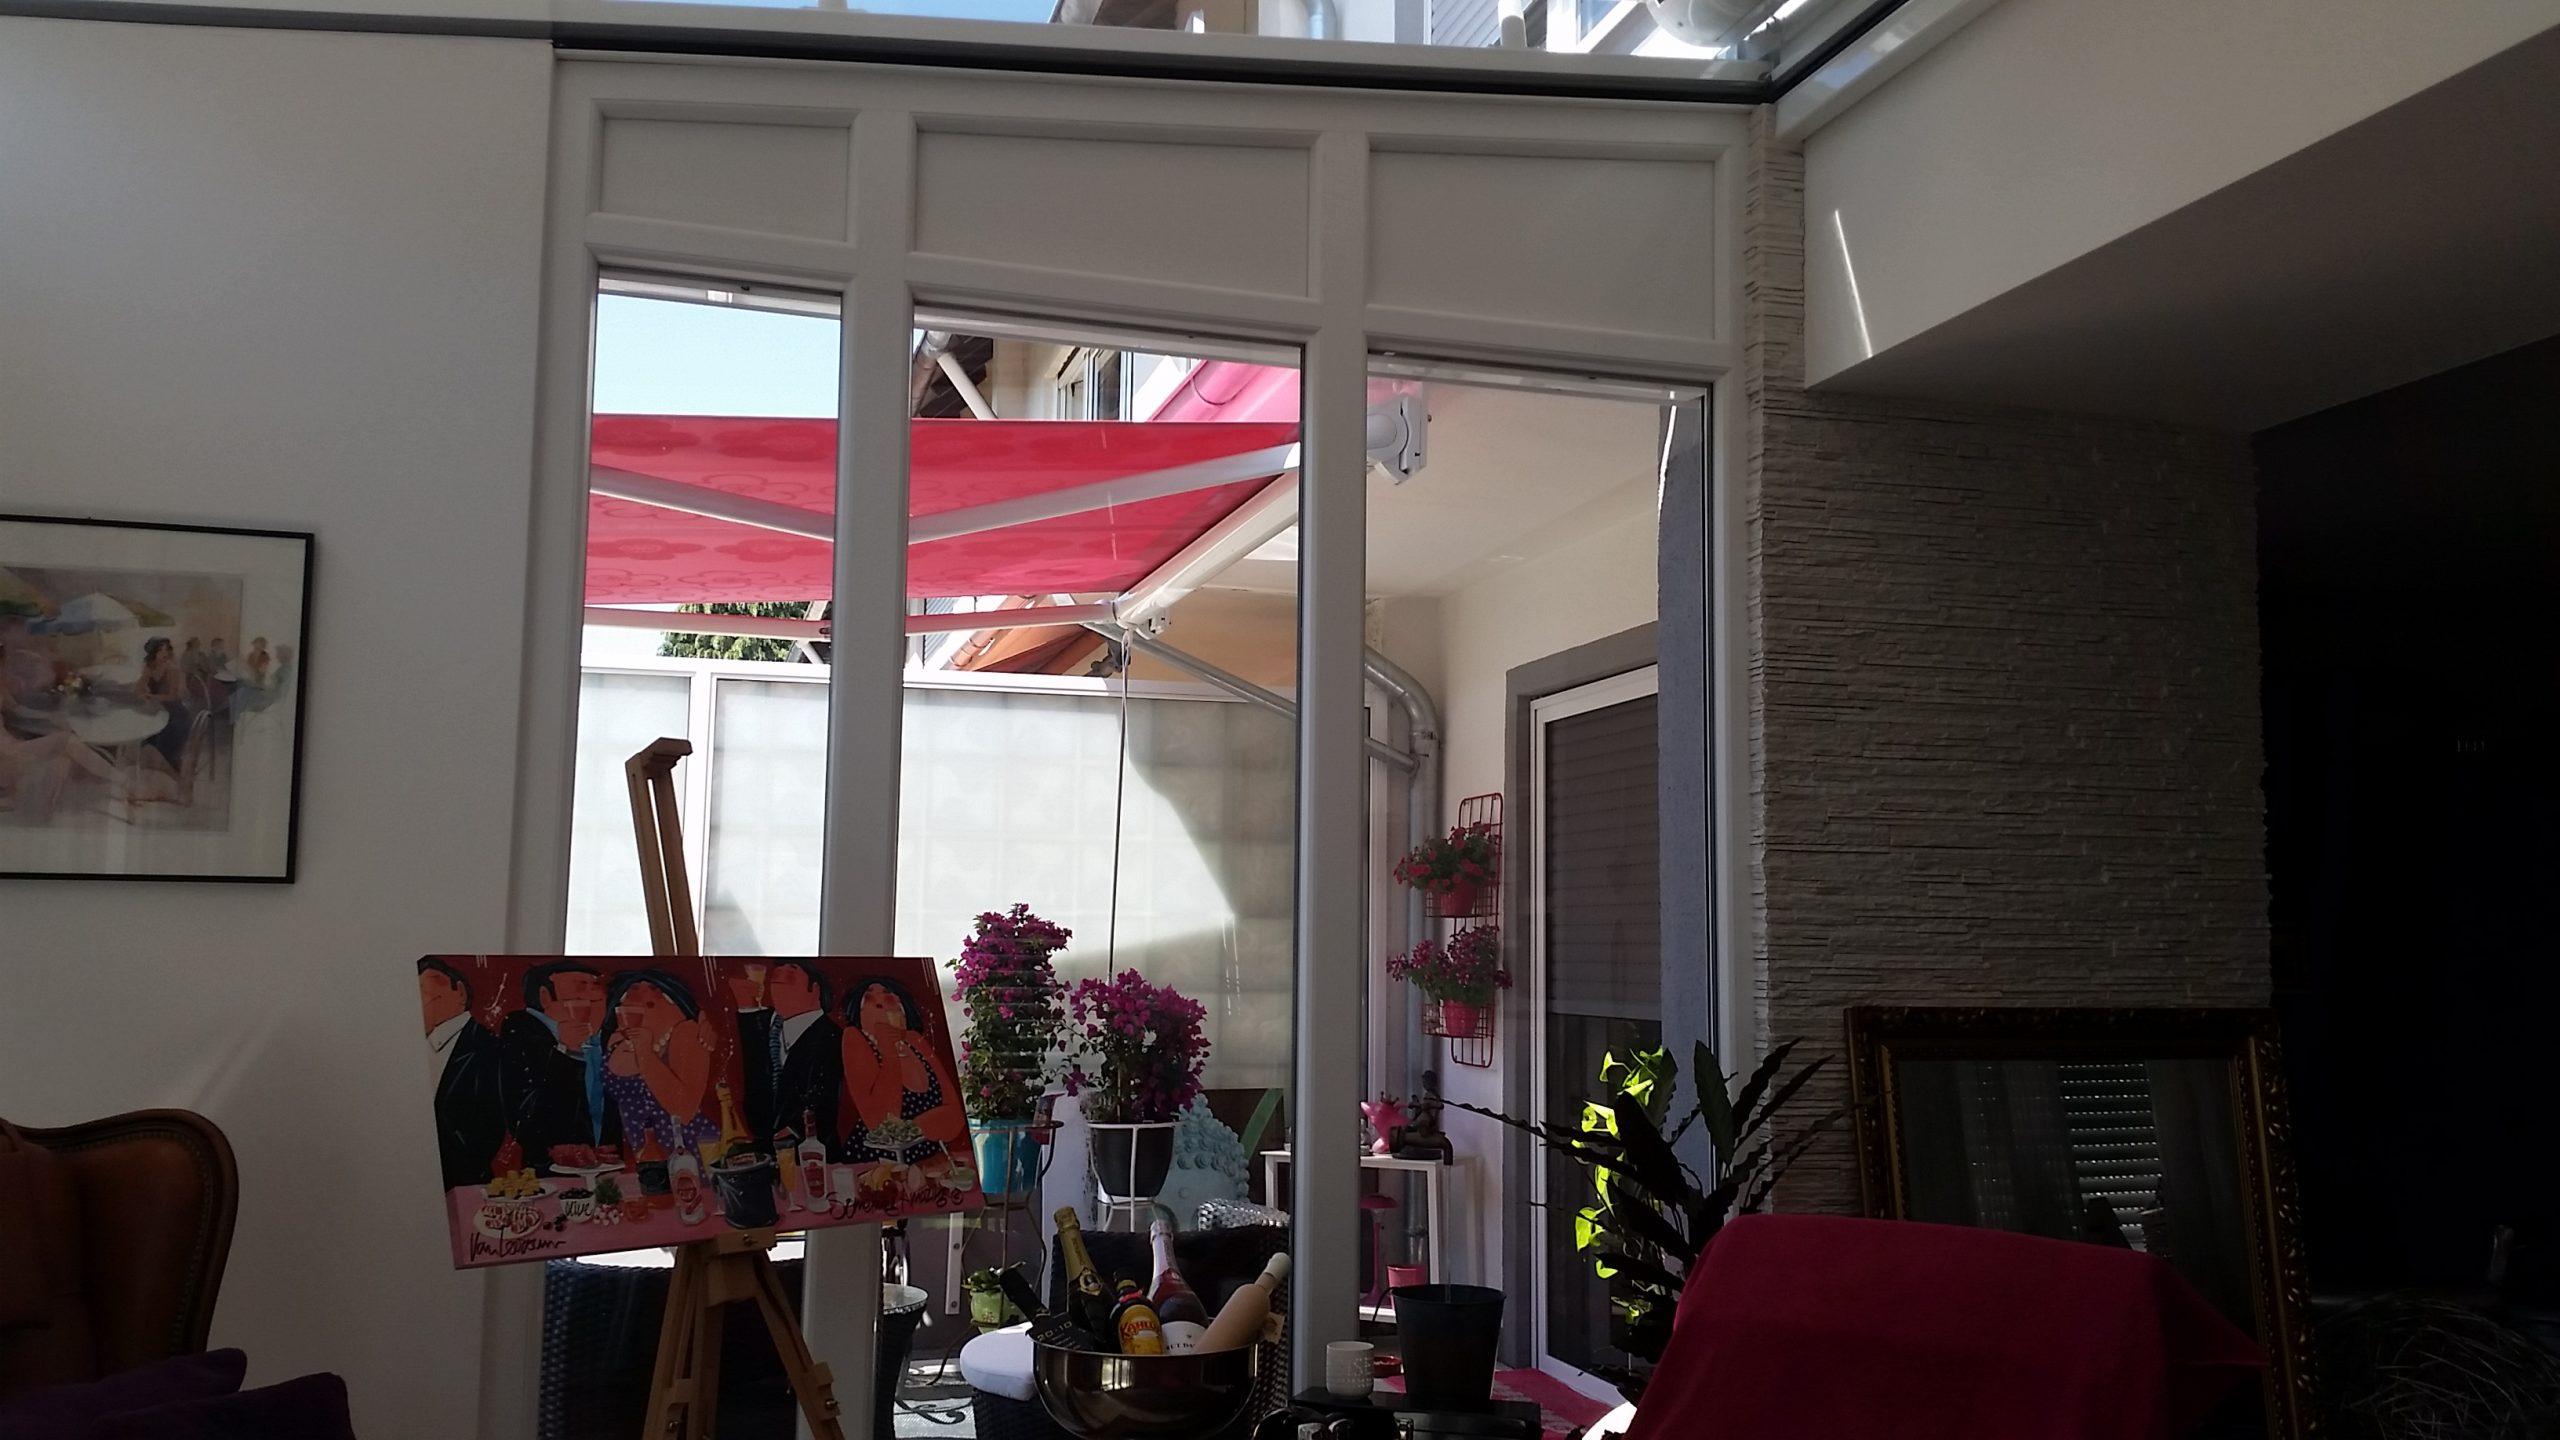 Full Size of Wärmeschutzfolie Fenster Mcb Folientechnikde Anthrazit Standardmaße Drutex Test Rollos Bodentief Insektenschutzgitter Klebefolie Gebrauchte Kaufen Günstig Fenster Wärmeschutzfolie Fenster